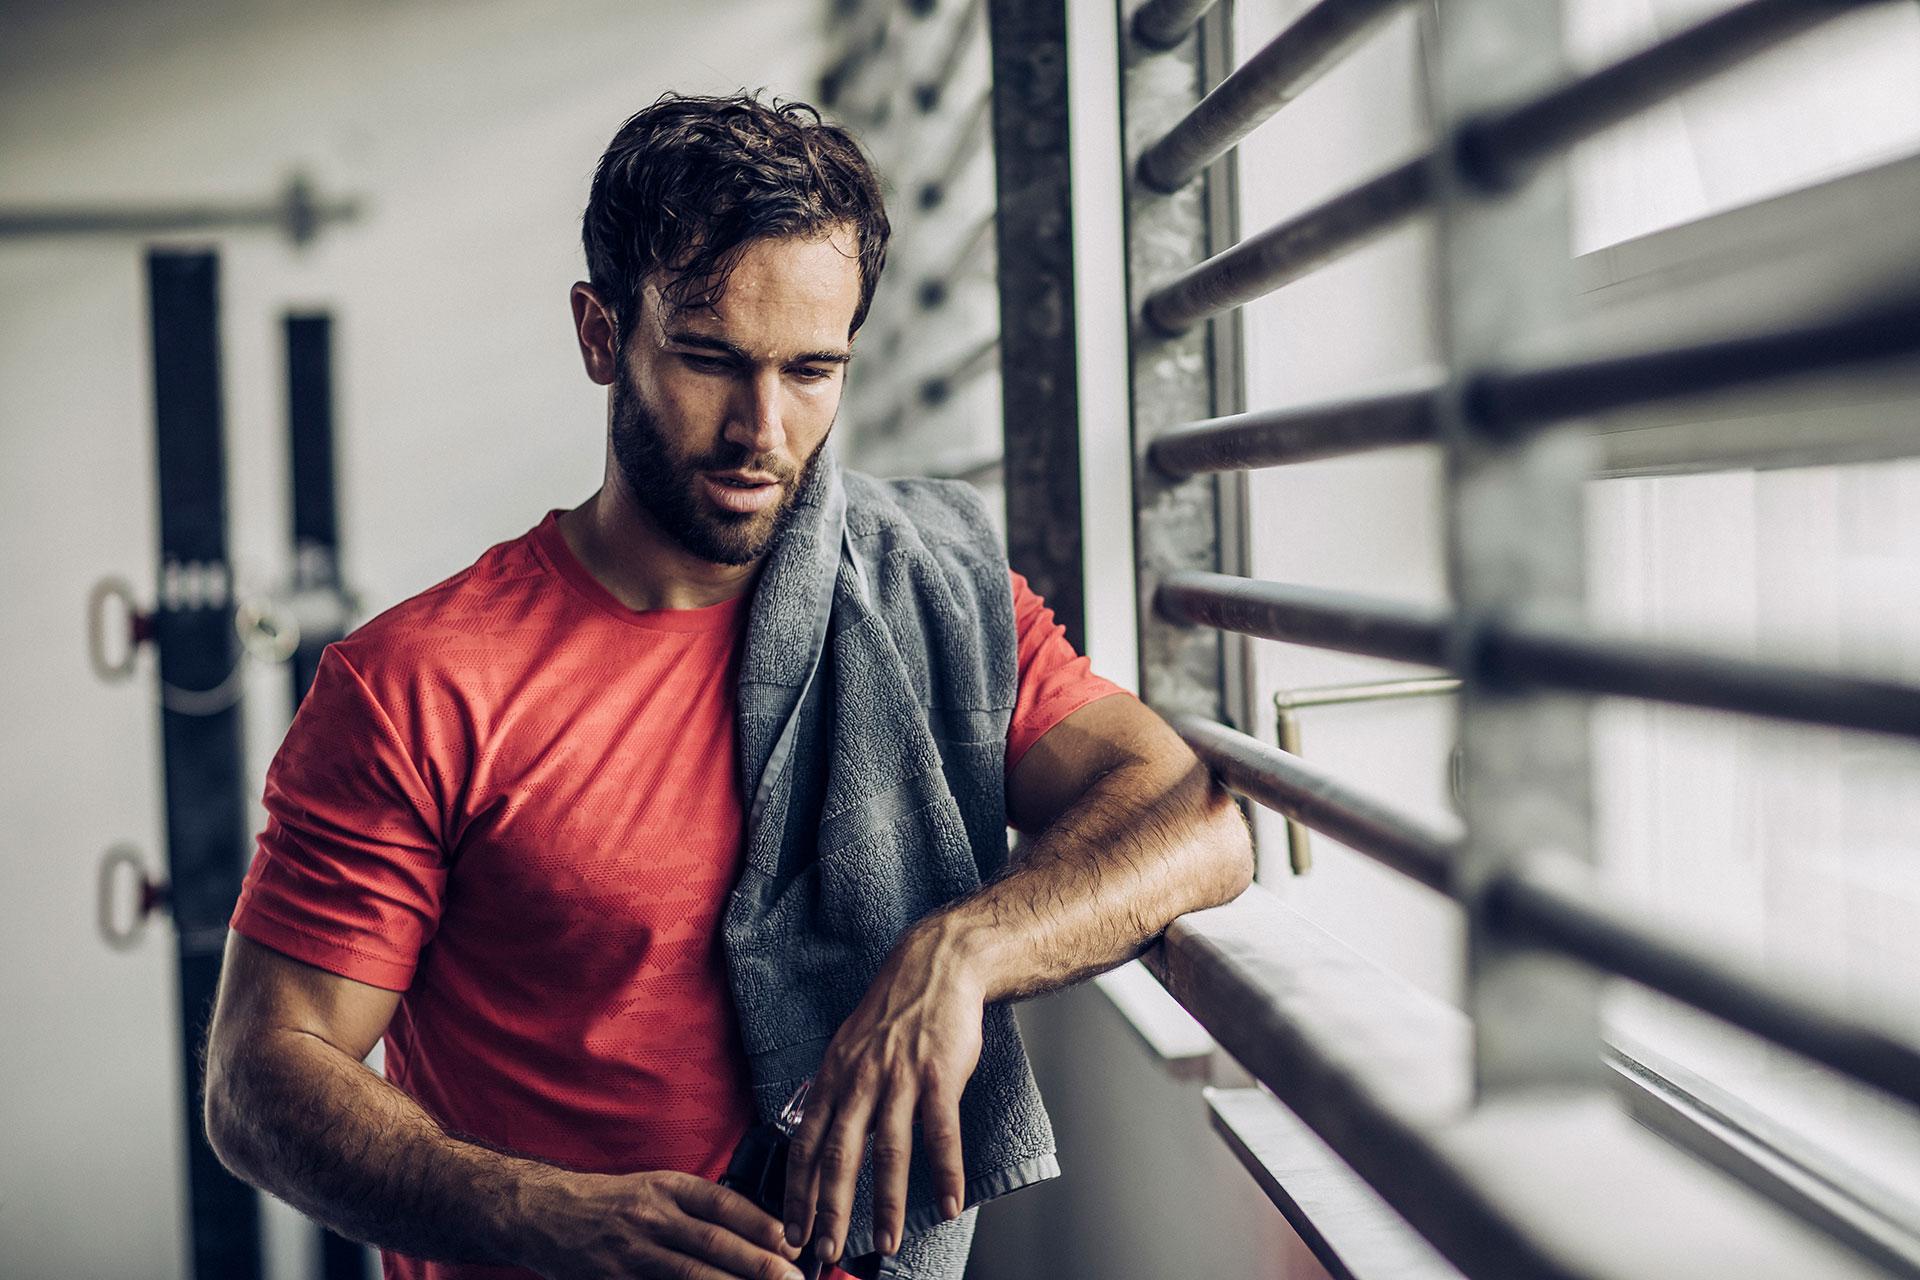 michael mueller sportfotograf training fitness crossfit sport muenchen deutschland